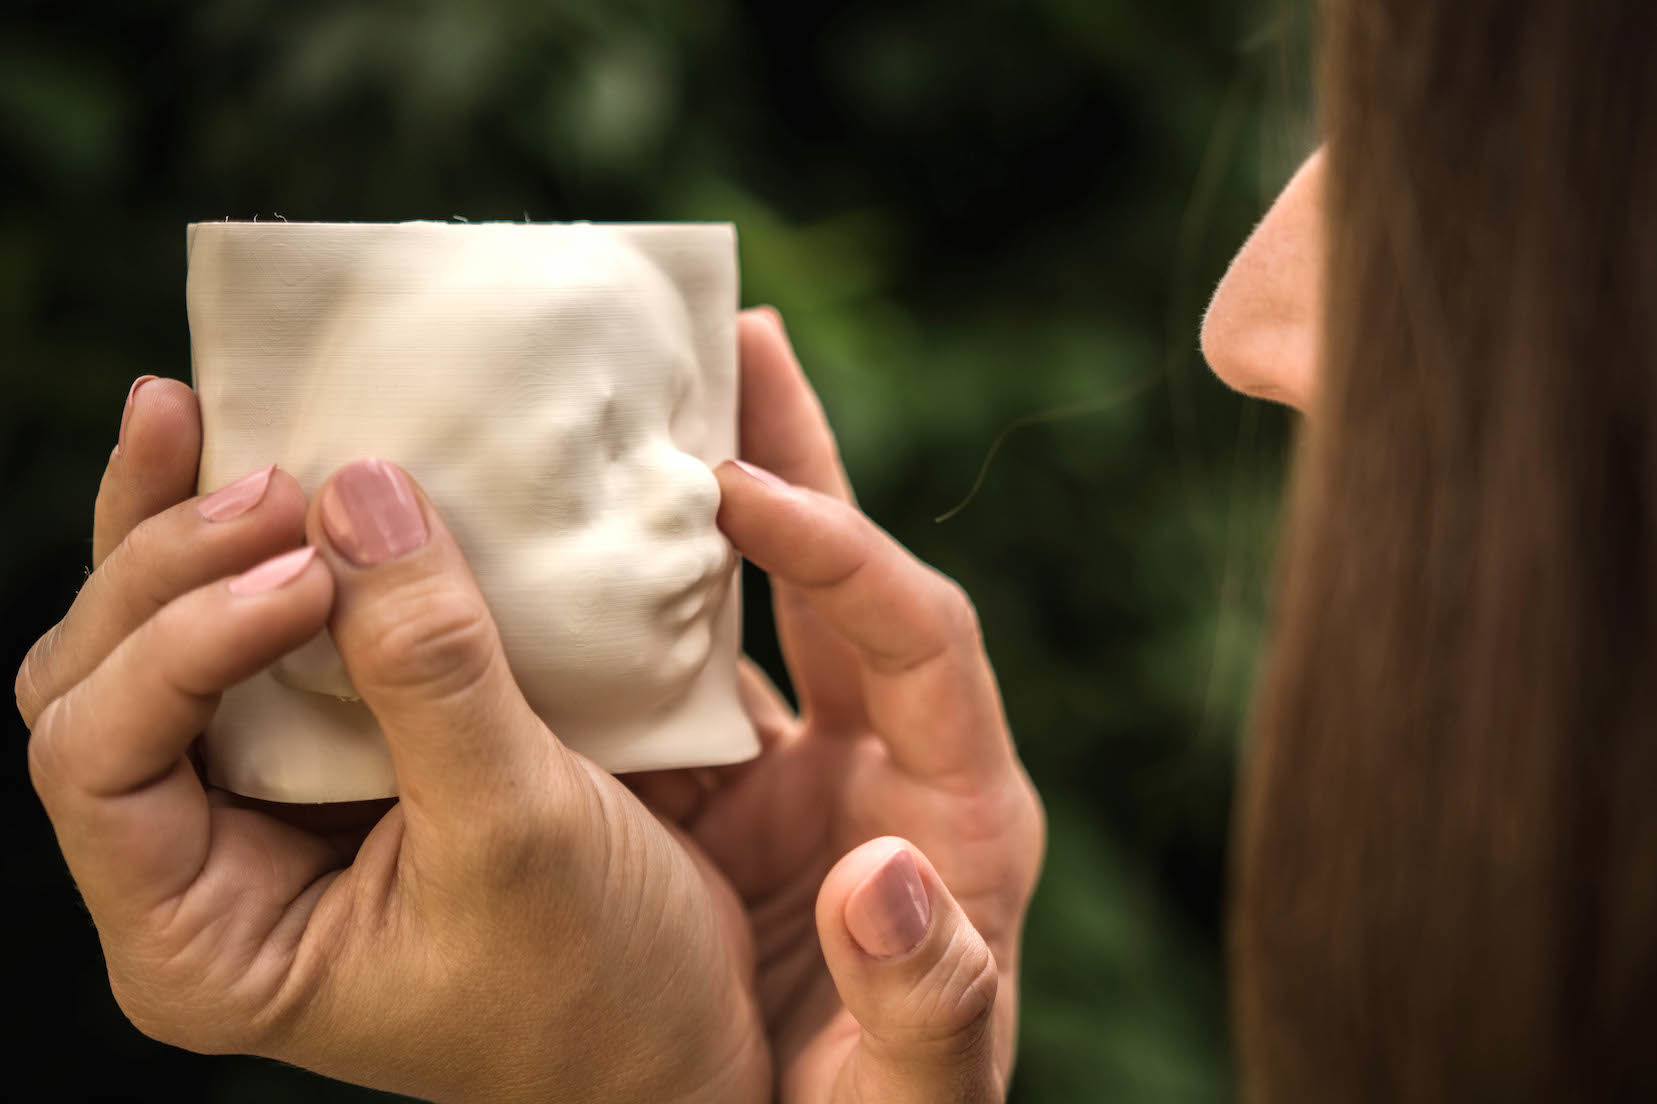 視覚障害の妊婦たちに「我が子を初めて見る」瞬間を共有する素敵なサービス